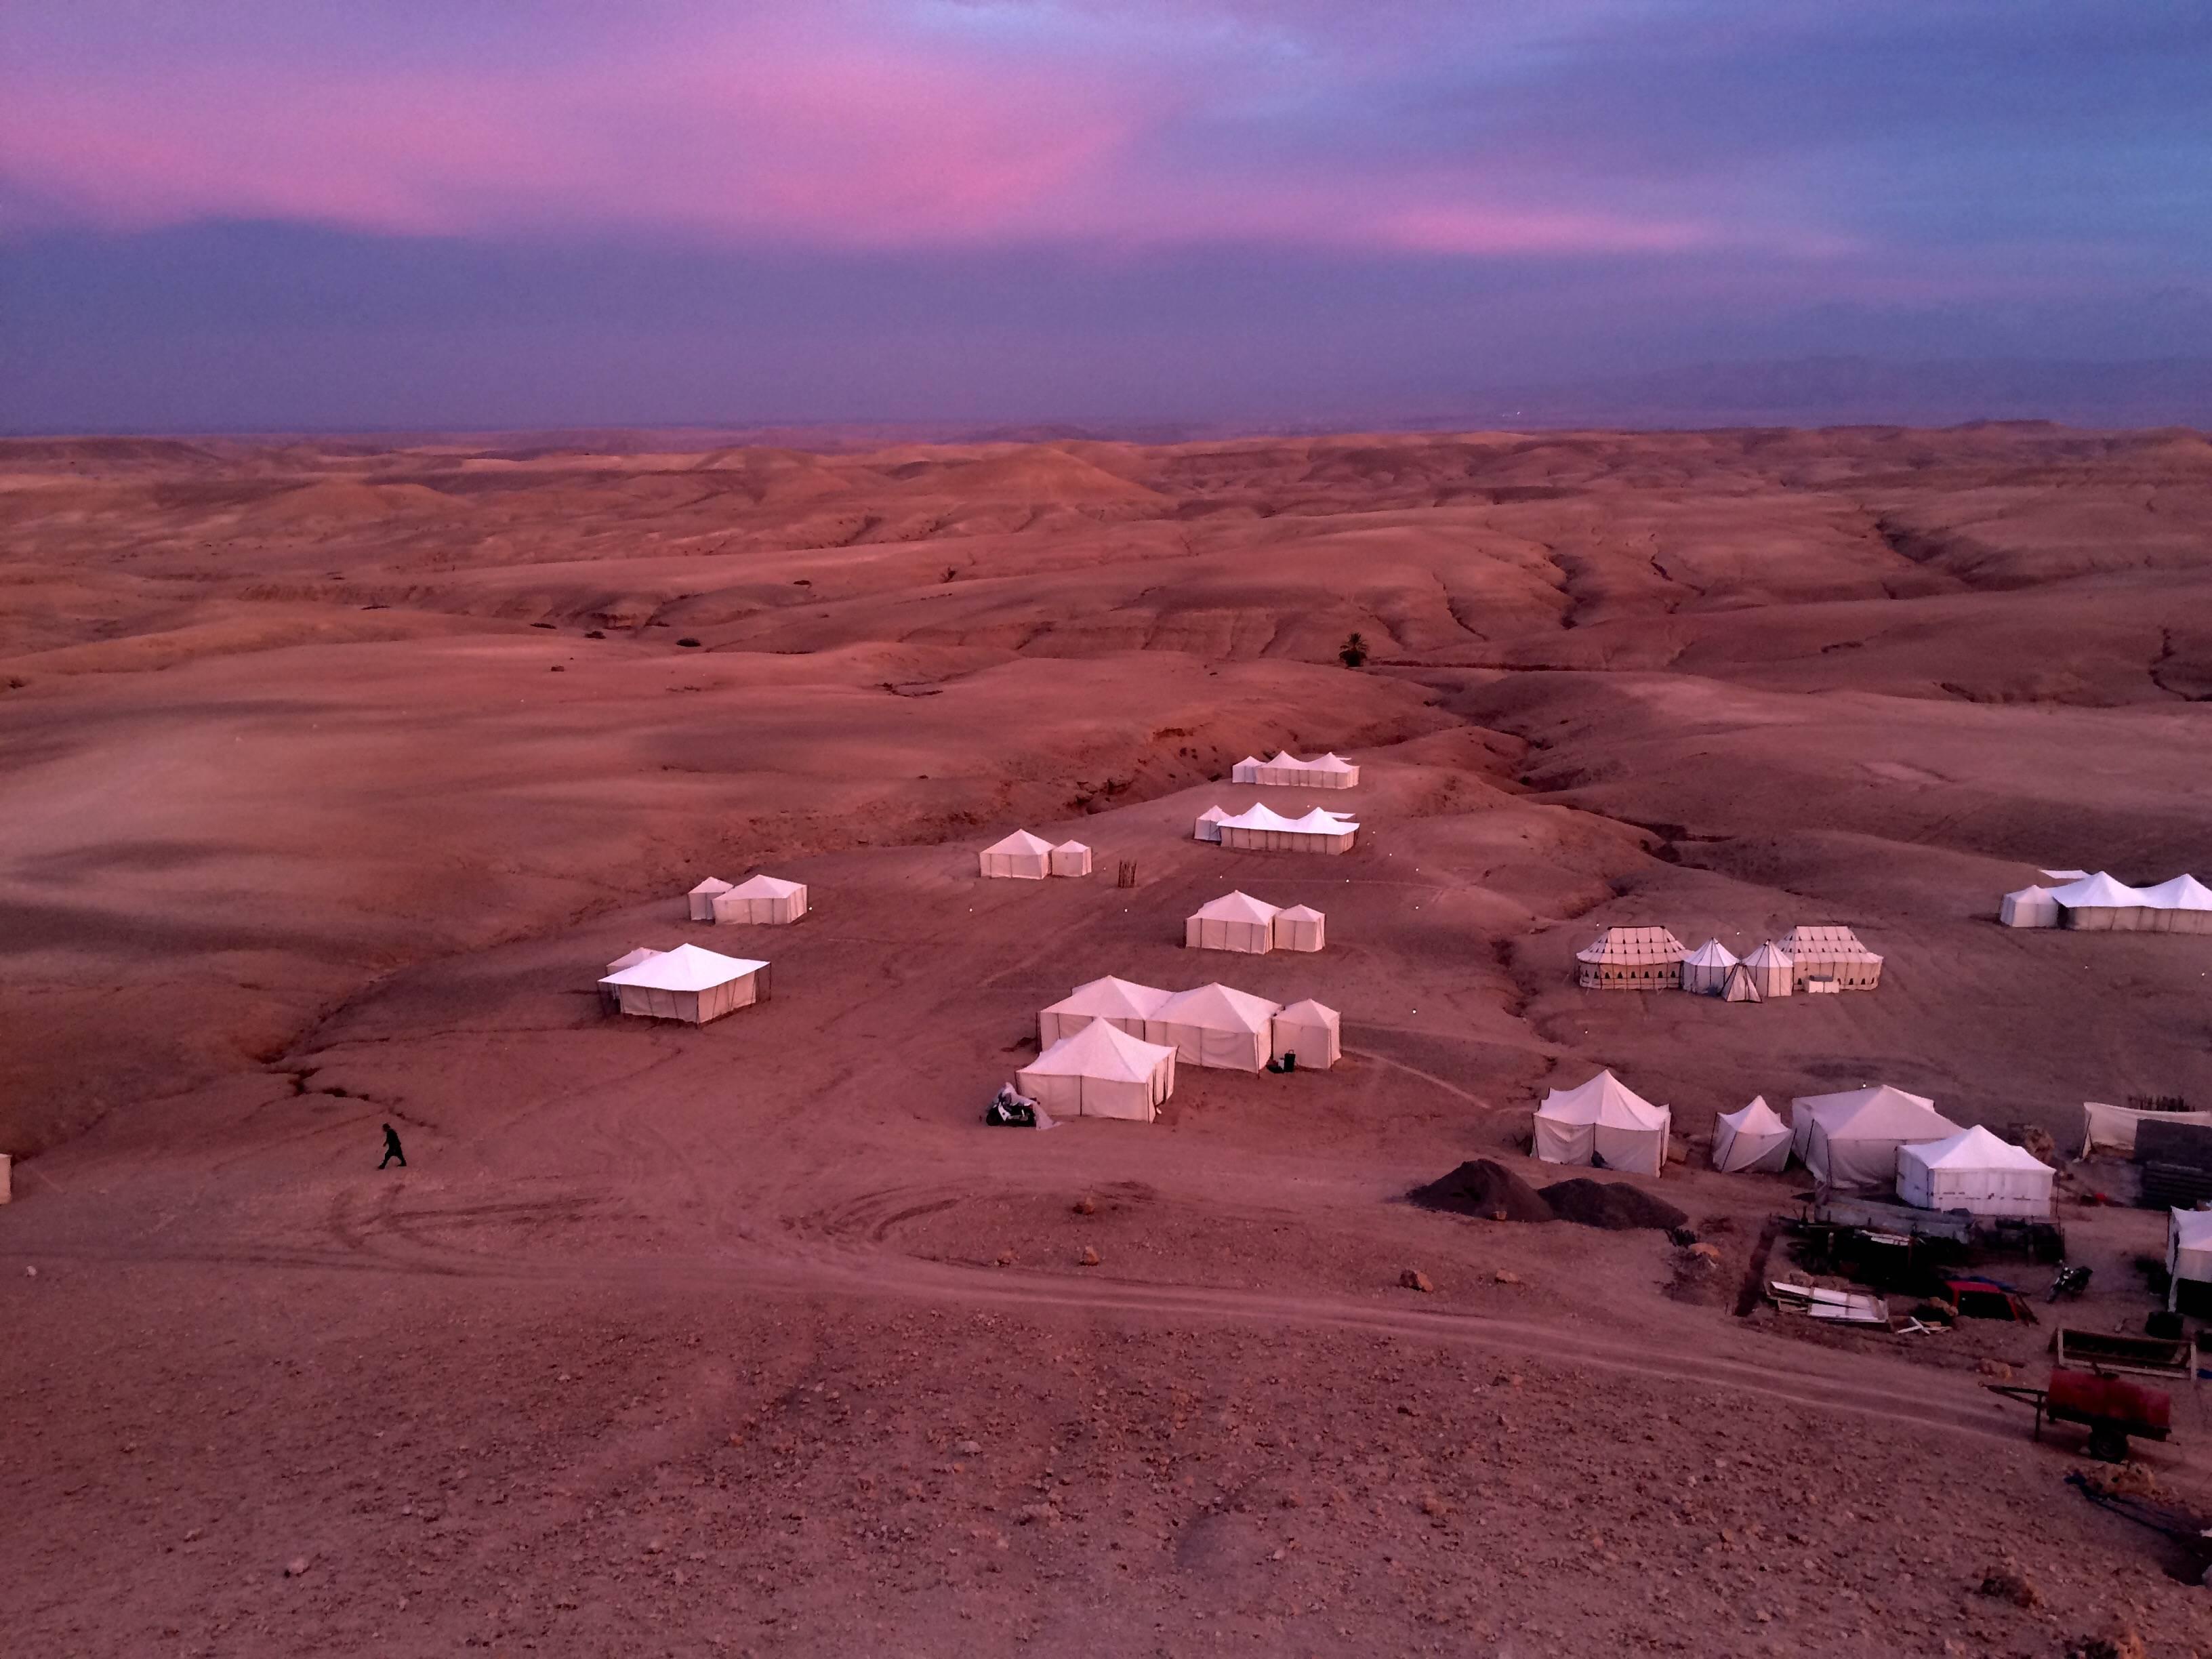 Photo 2: Une nuit dans le désert